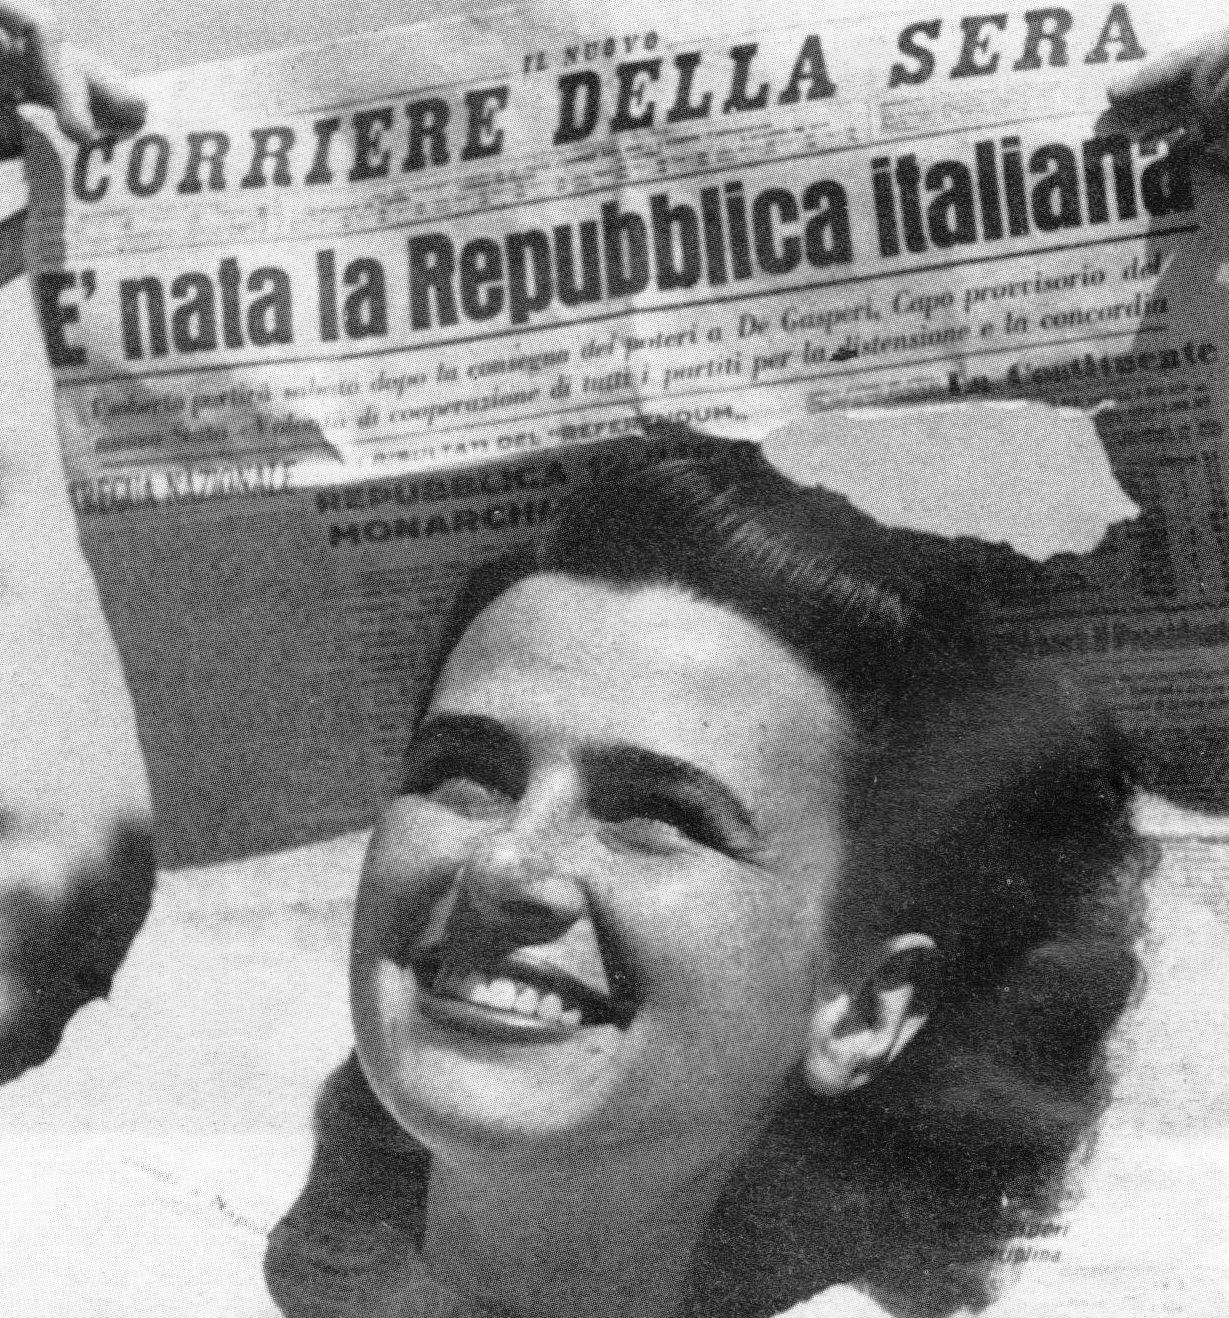 Corriere: la notizia della nascita della Repubblica Italiana